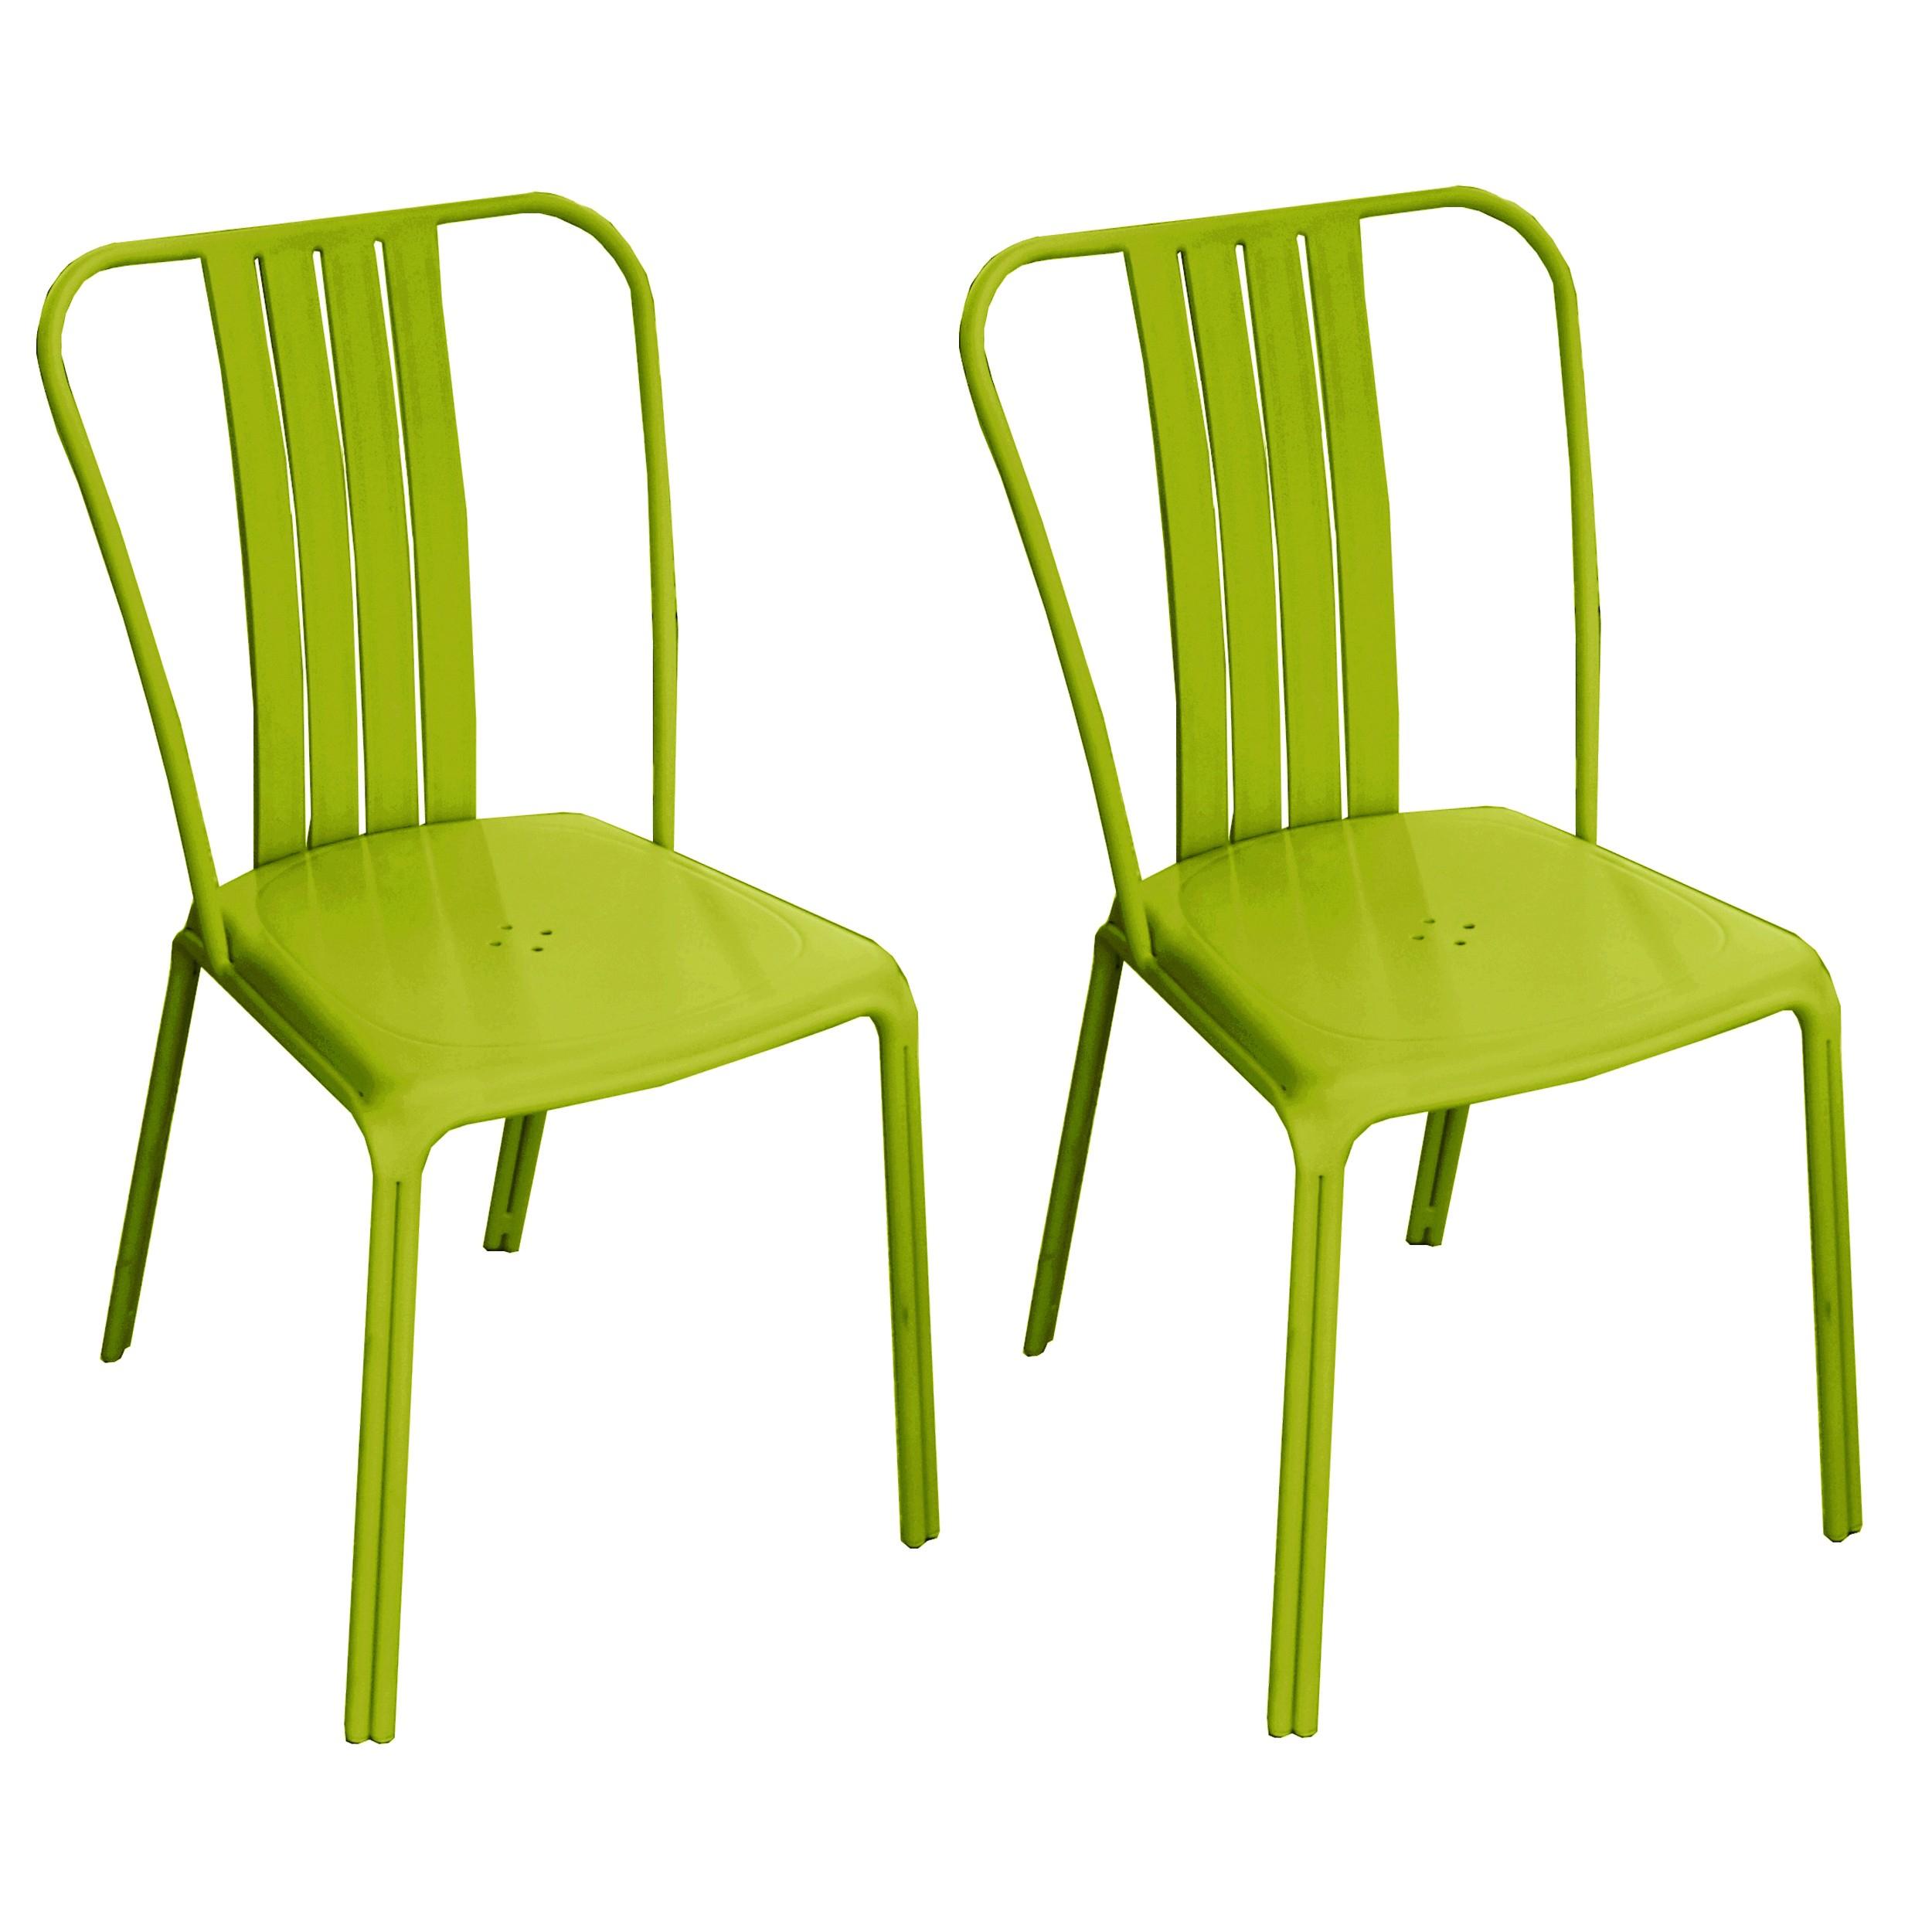 Chaise De Jardin Azuro Verte (Lot De 2) intérieur Chaise De Jardin Verte